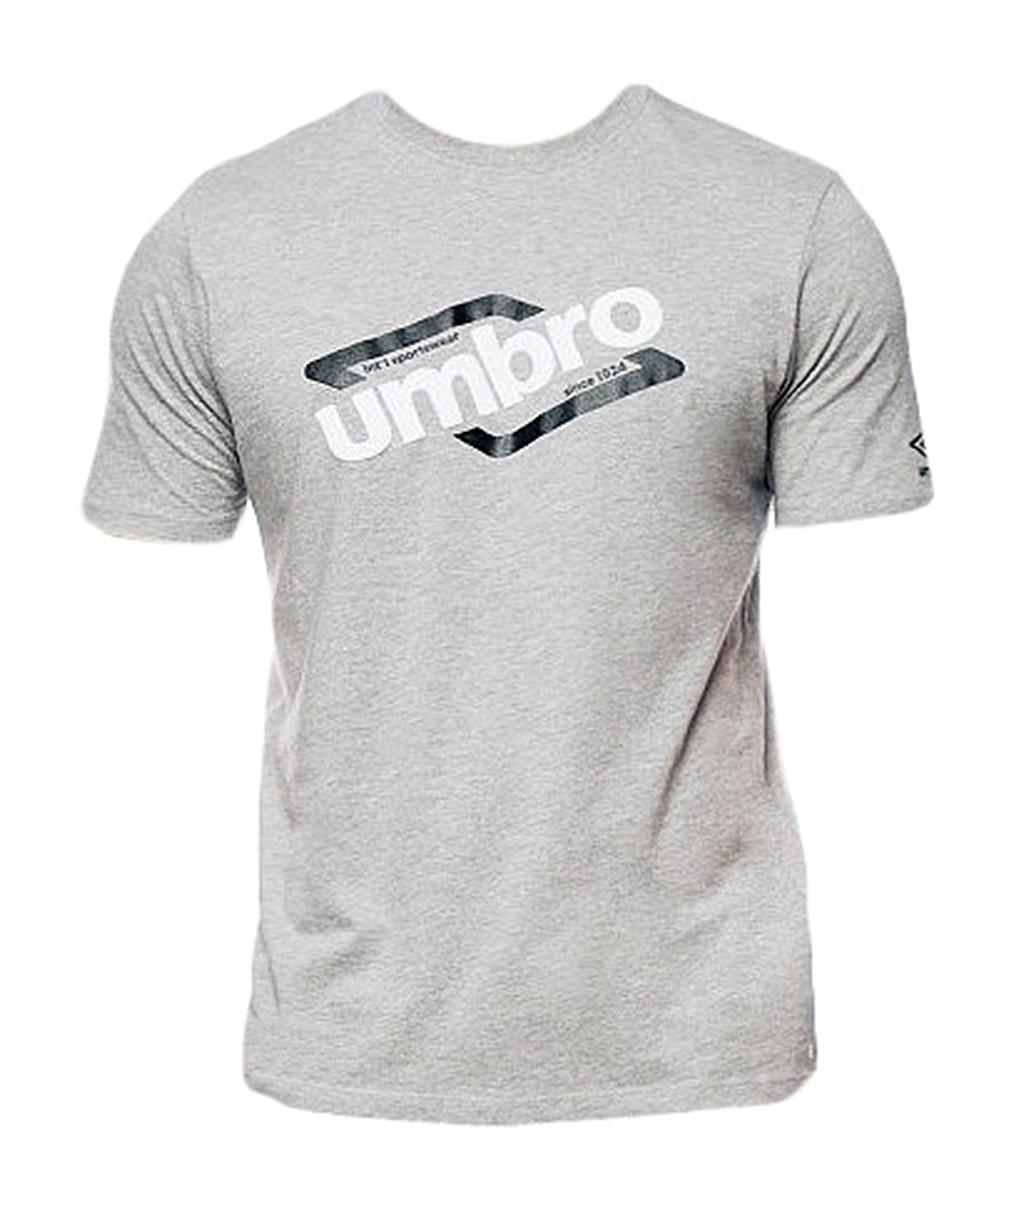 Купить серую футболку Umbro Graphic Tee 64101U с доставкой